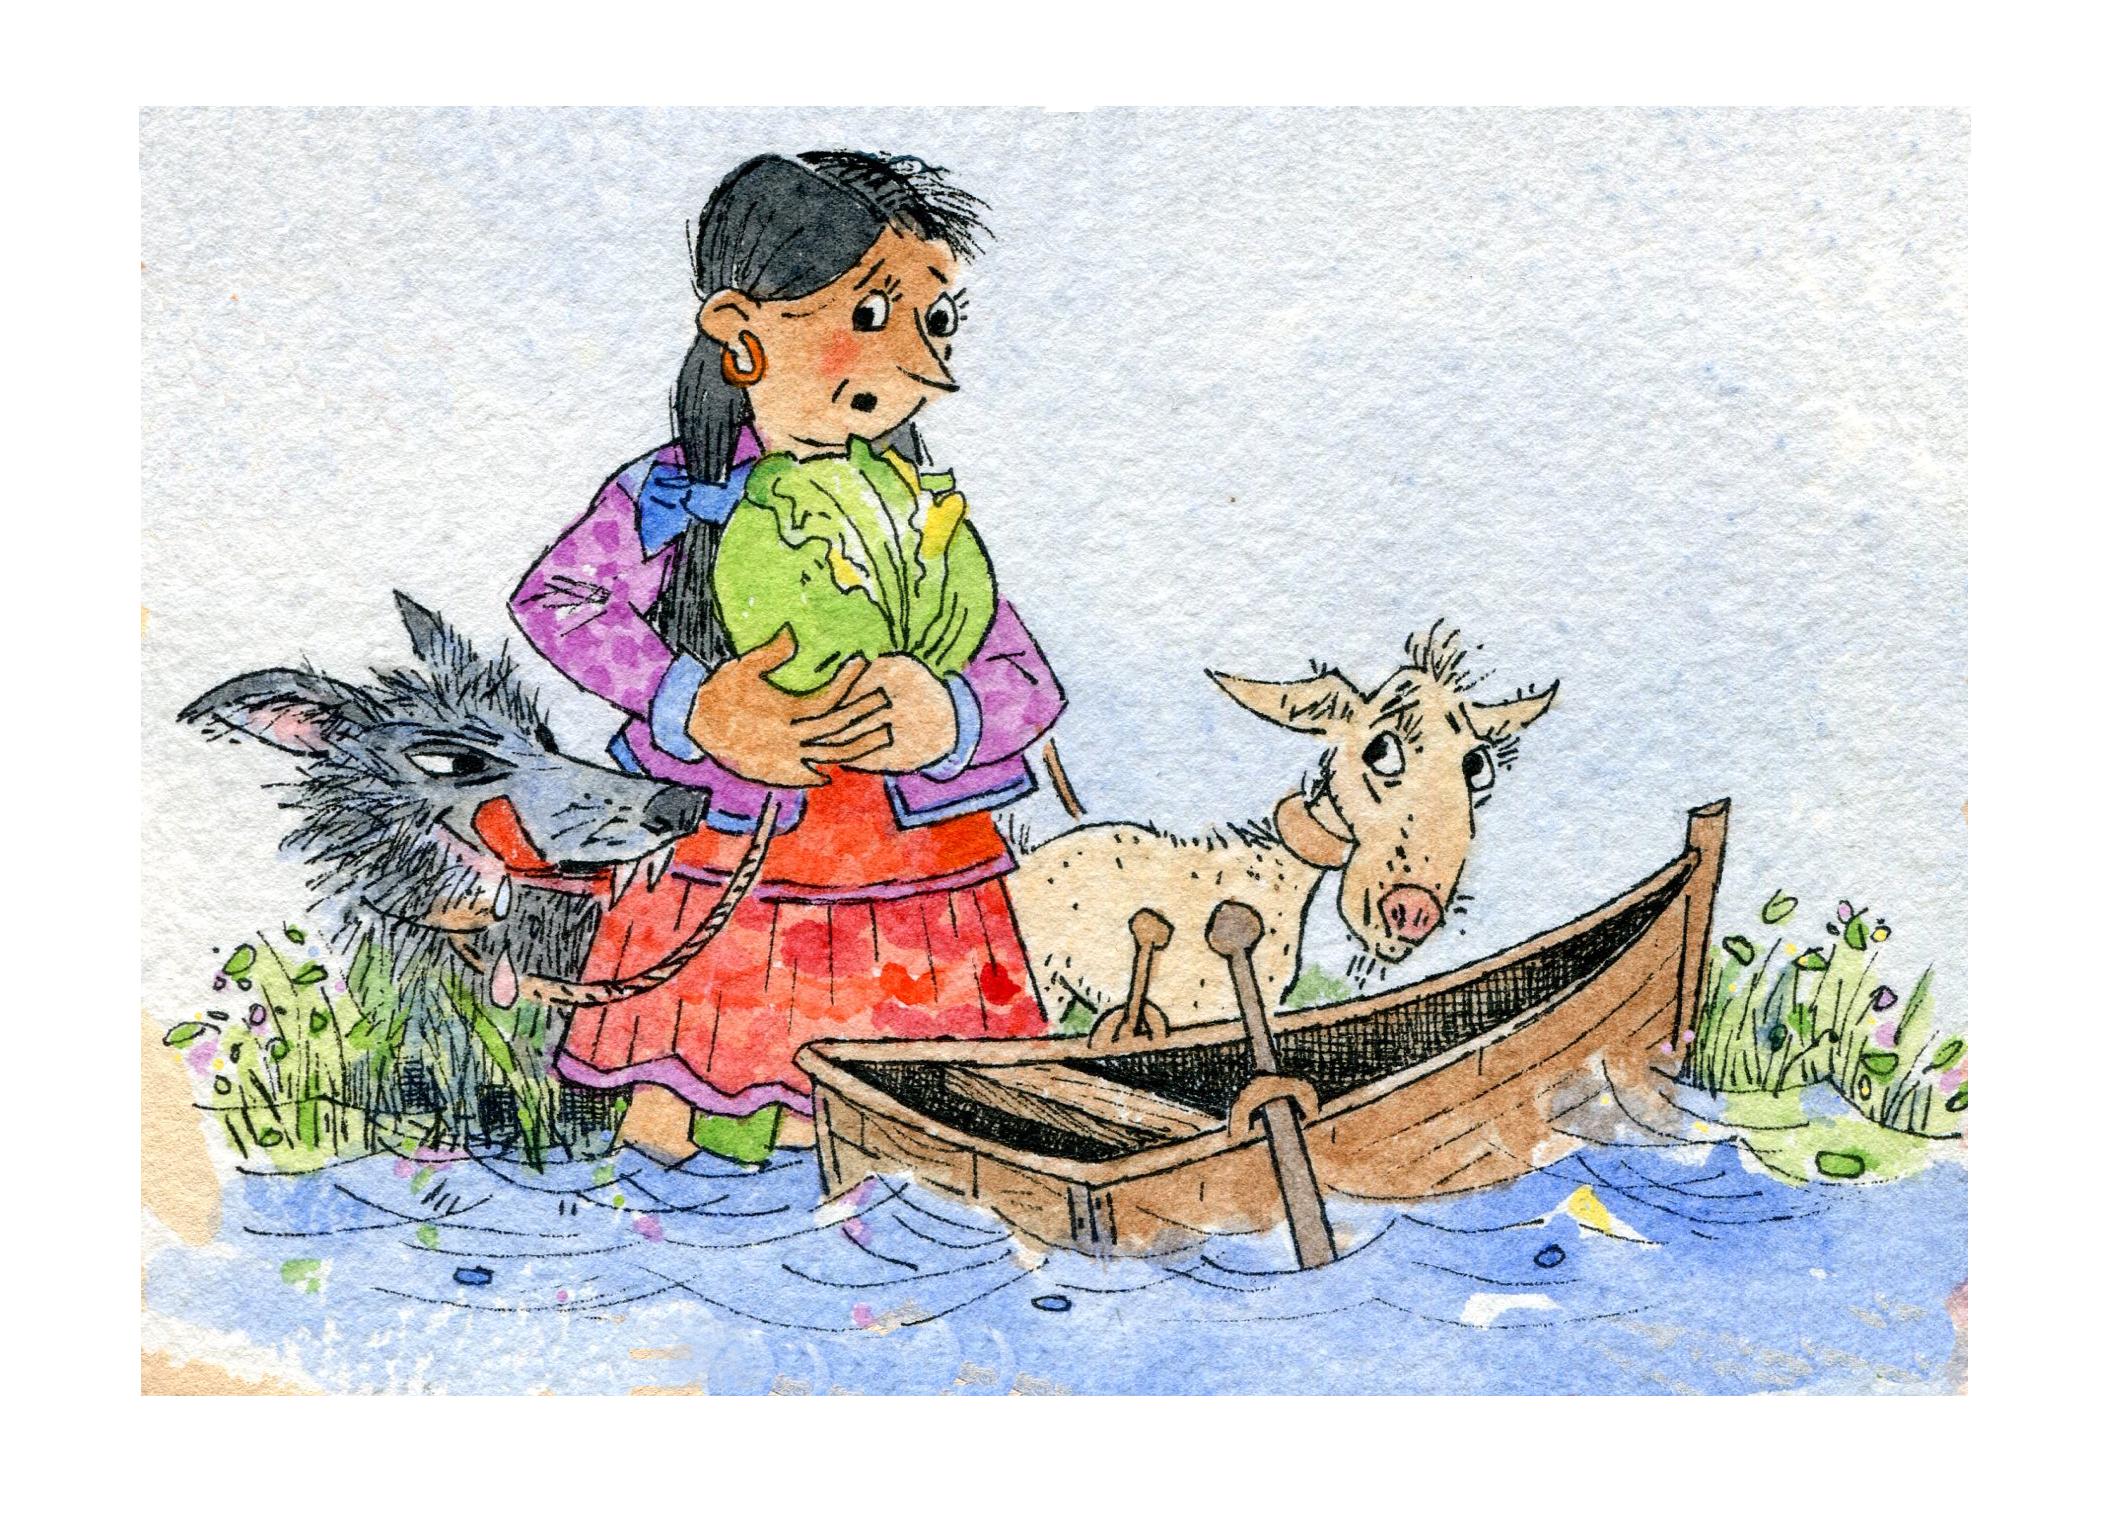 ¿Cómo podría llegar al otro lado con el lobo, la cabra y el repollo intactos? Ilustración de María Cristina Brusca